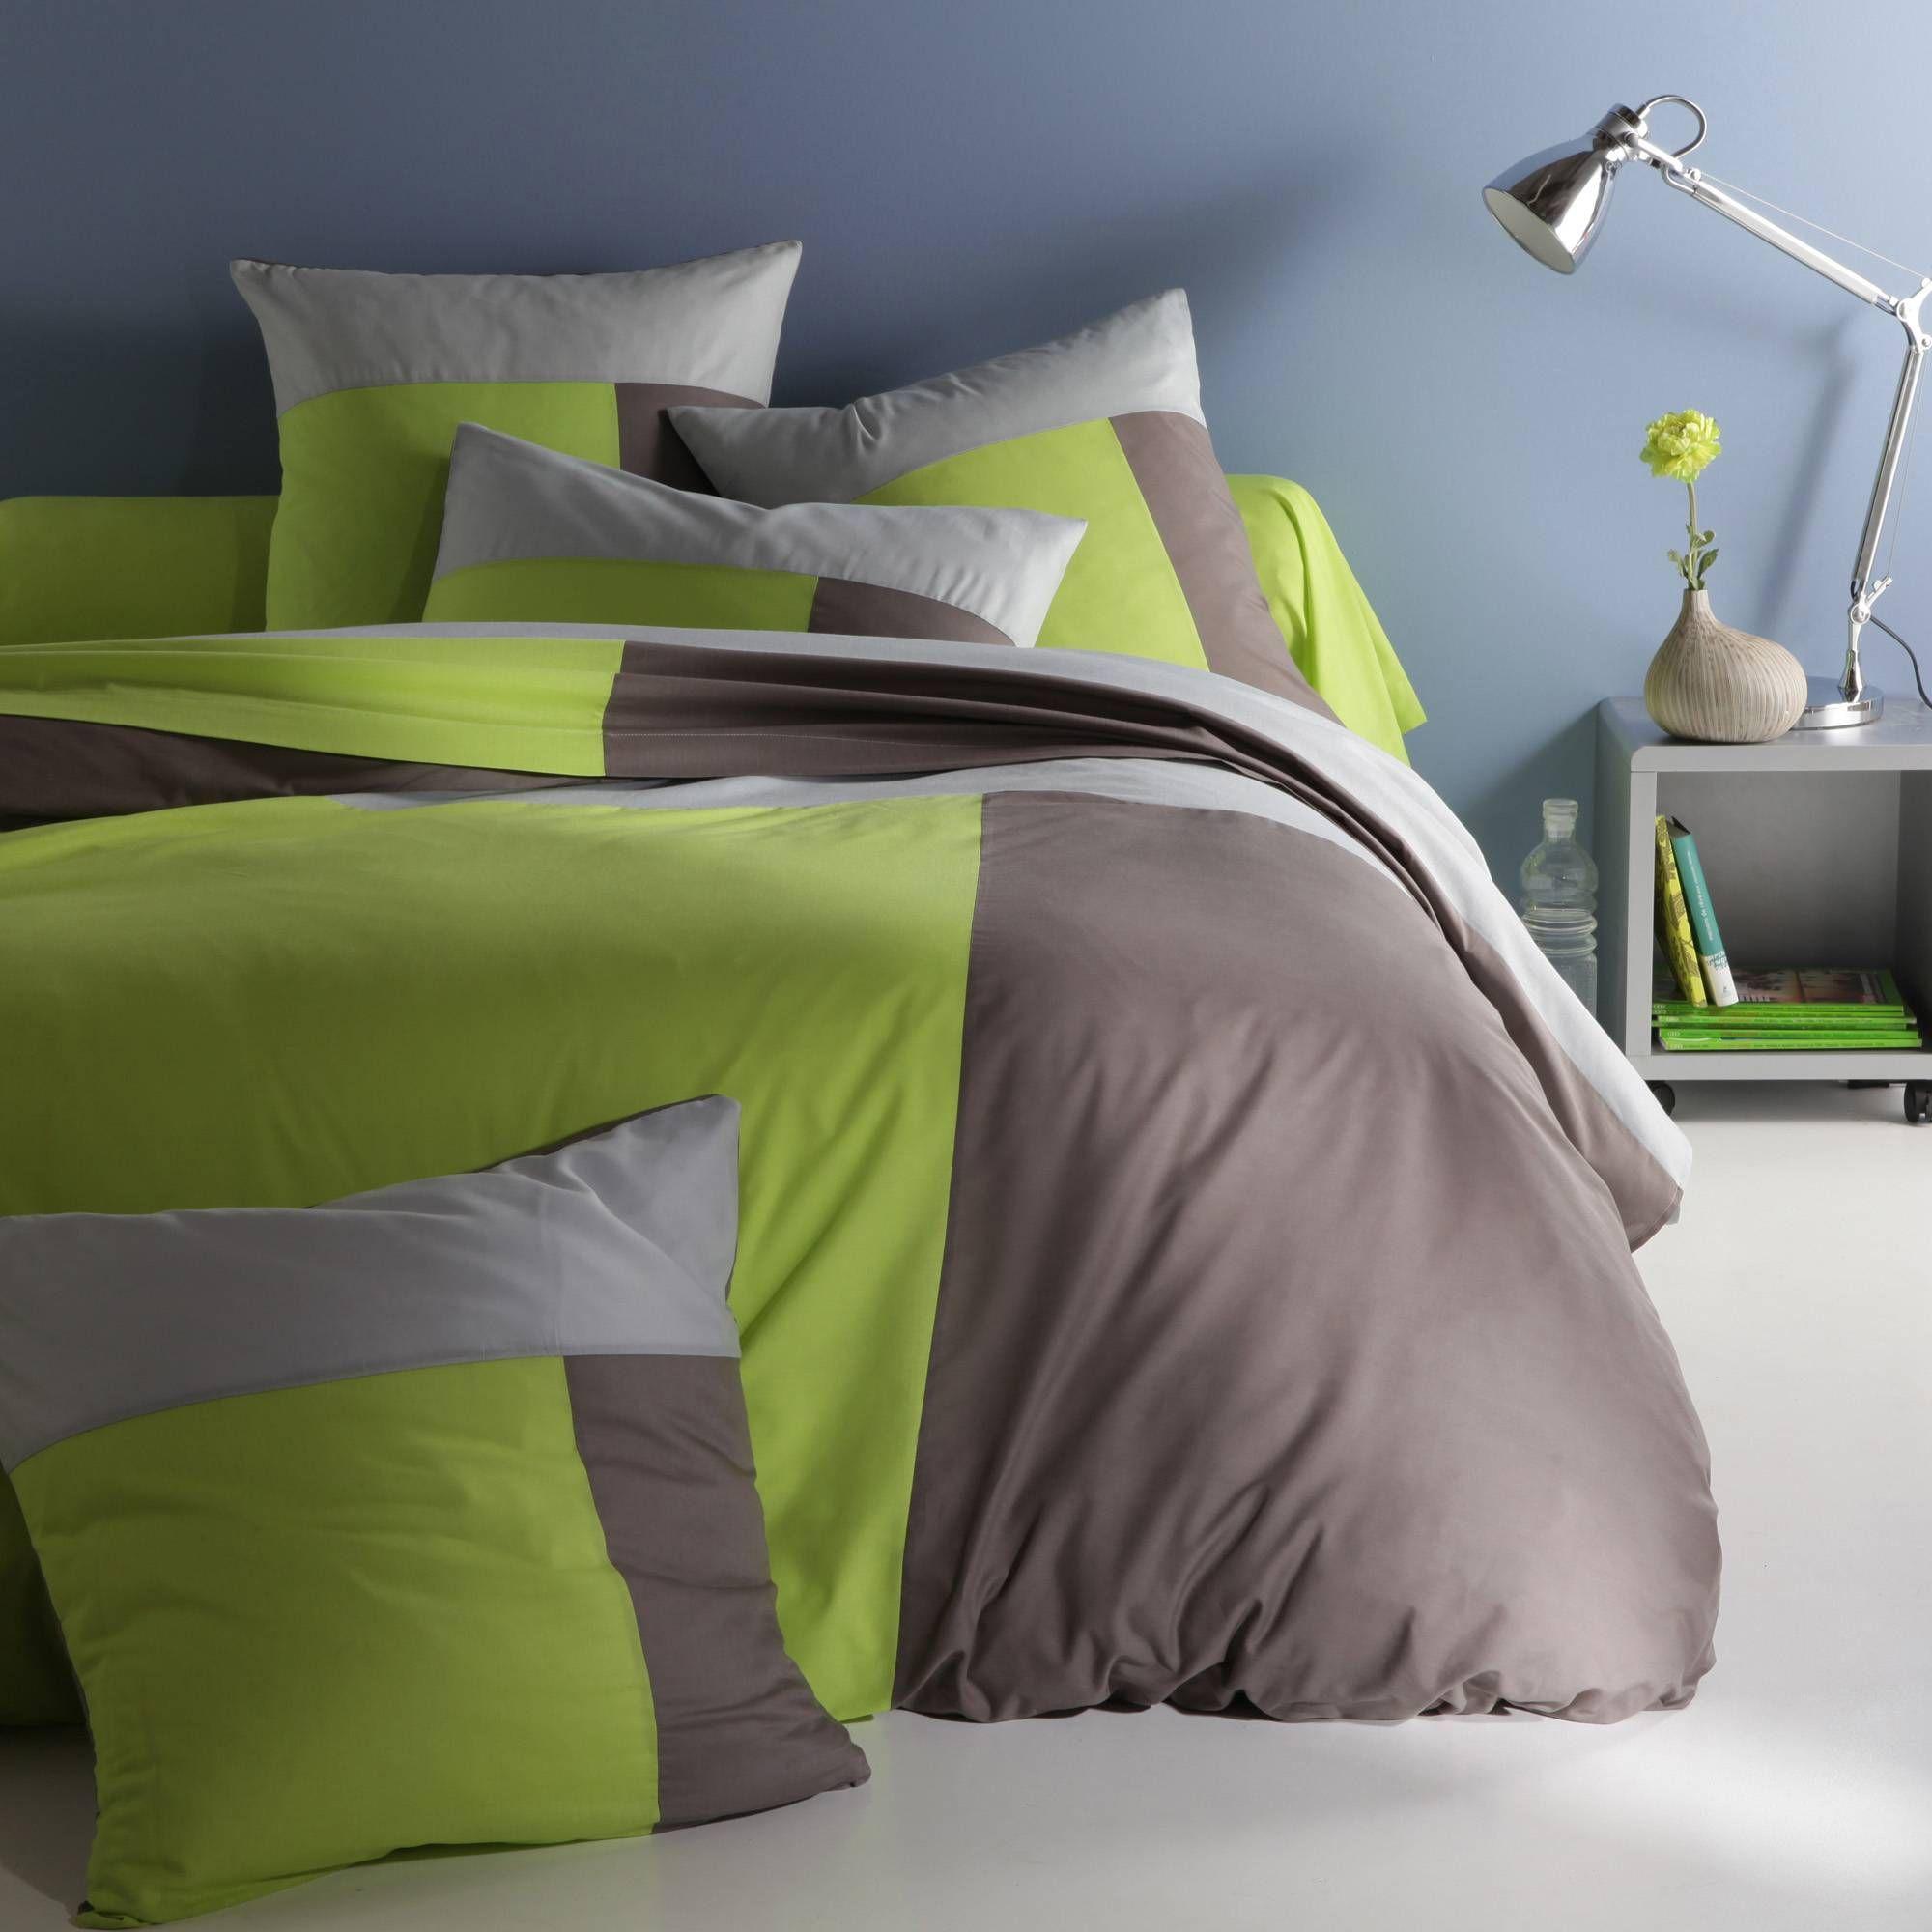 3suisses fr linge de lit http://.3suisses.fr/maison/linge maison/linge lit/parures  3suisses fr linge de lit